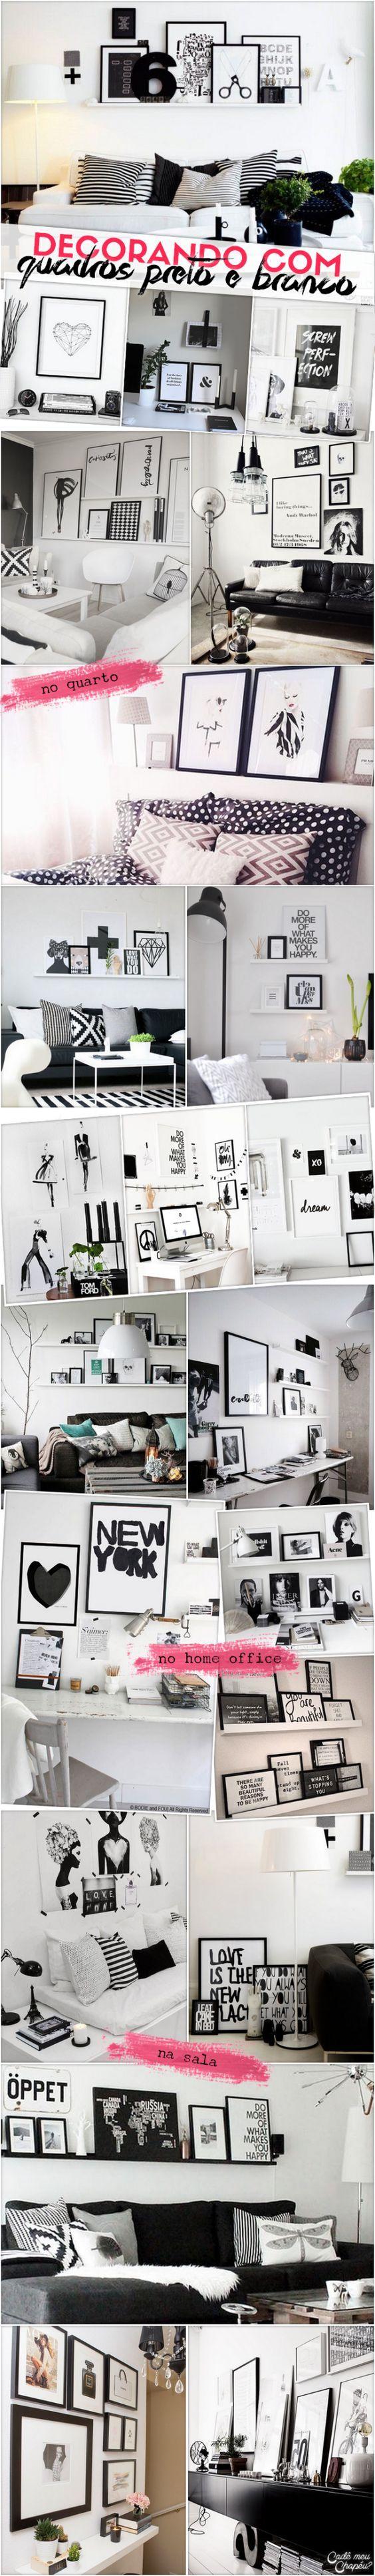 Decoração preto e branco   Black and white decor   http://cademeuchapeu.com: